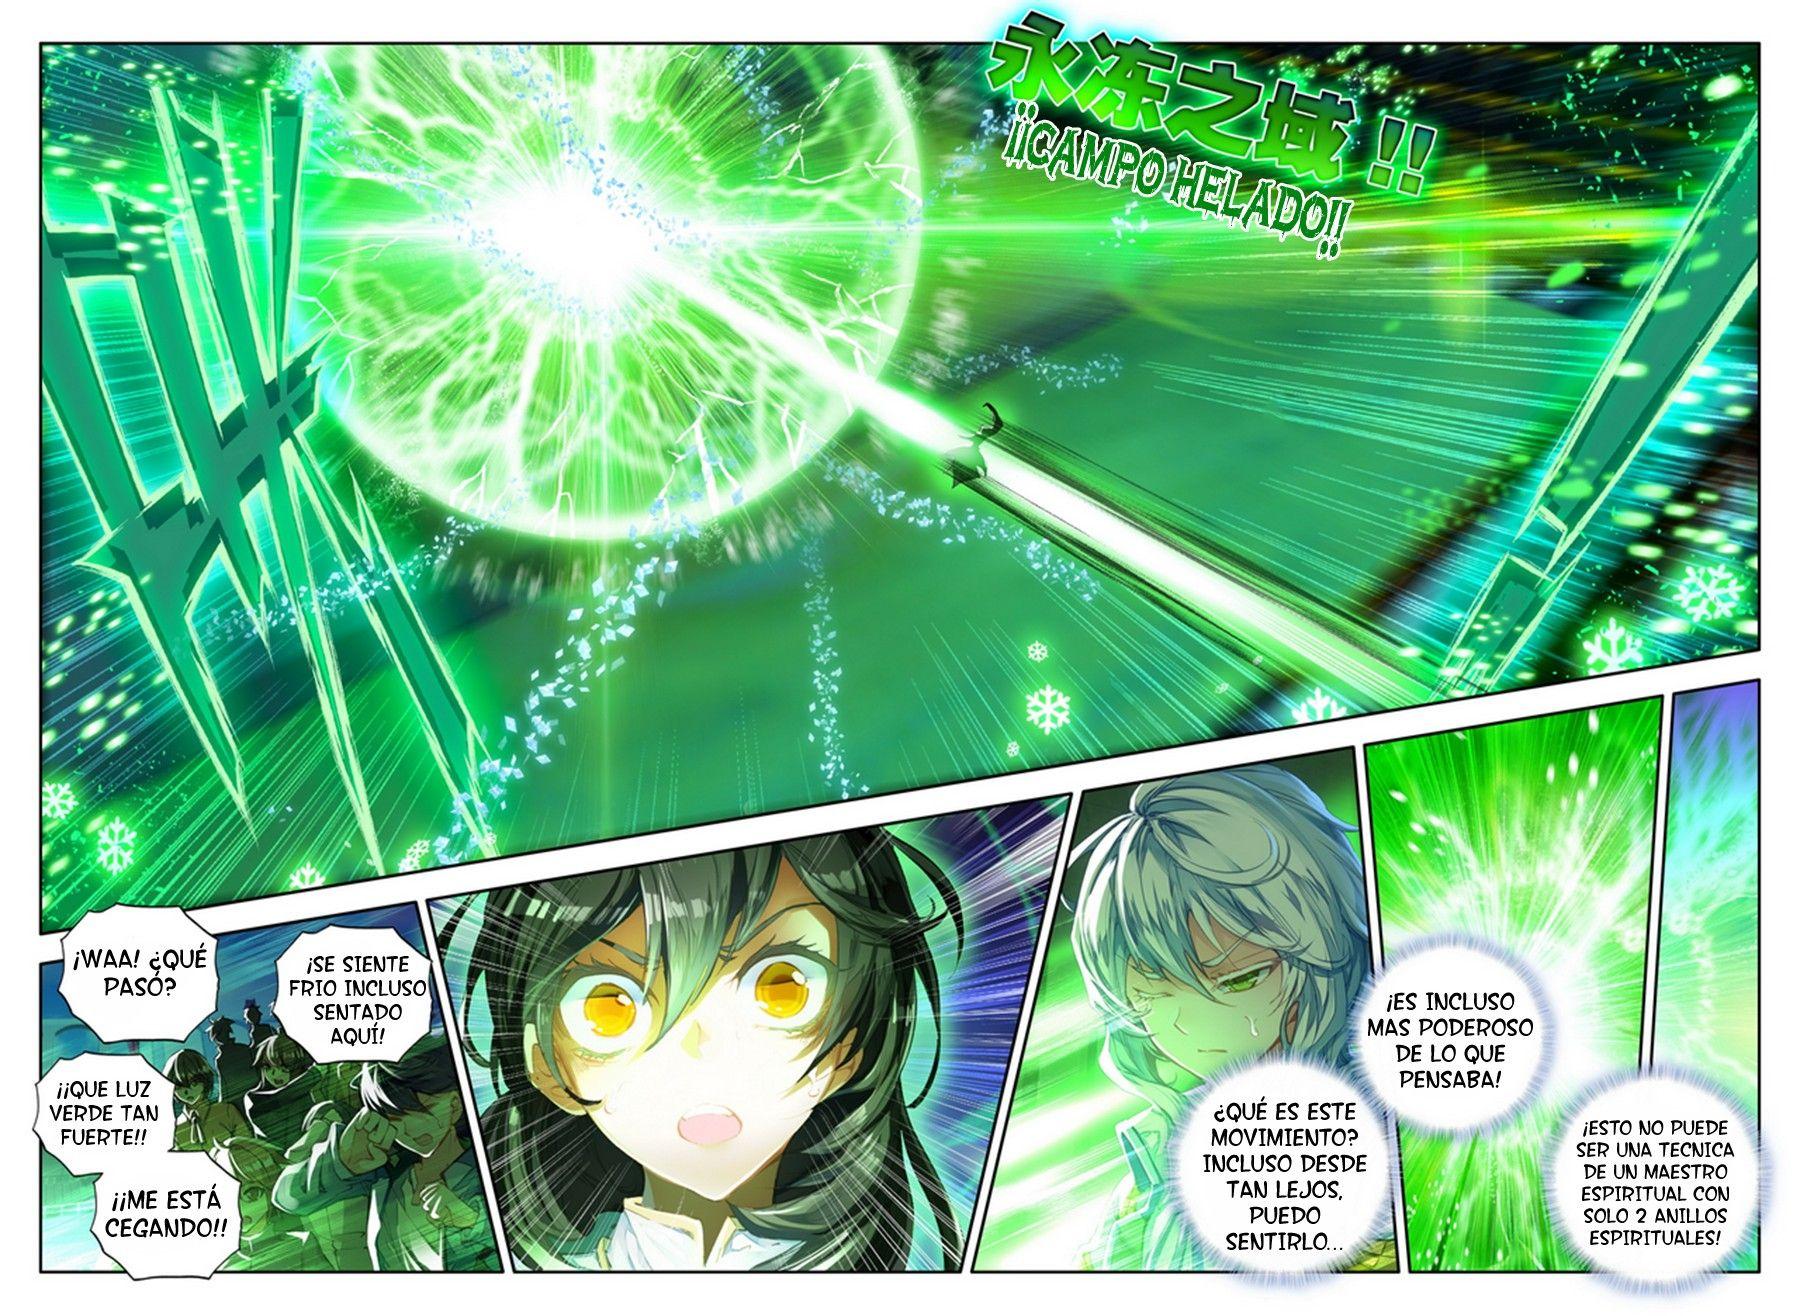 http://c5.ninemanga.com/es_manga/33/16417/472647/140491cdf5b17300fc51147a33ae86bf.jpg Page 9